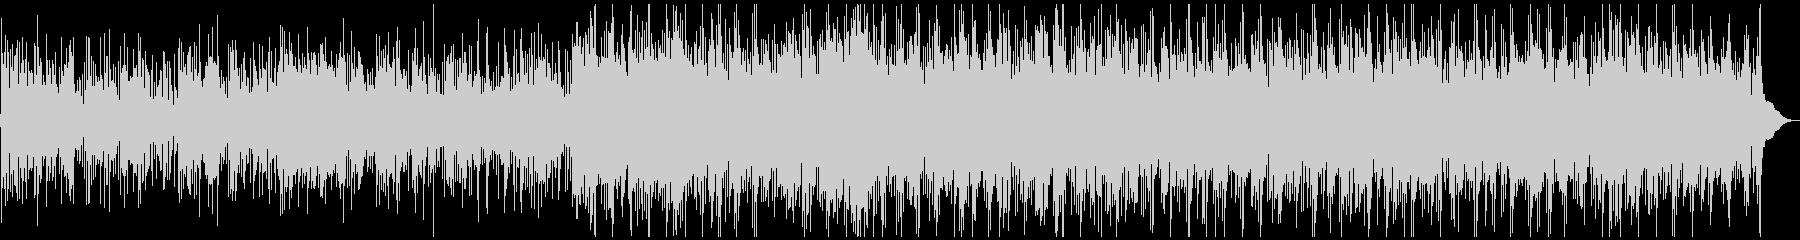 軽快なケルティック風BGMの未再生の波形